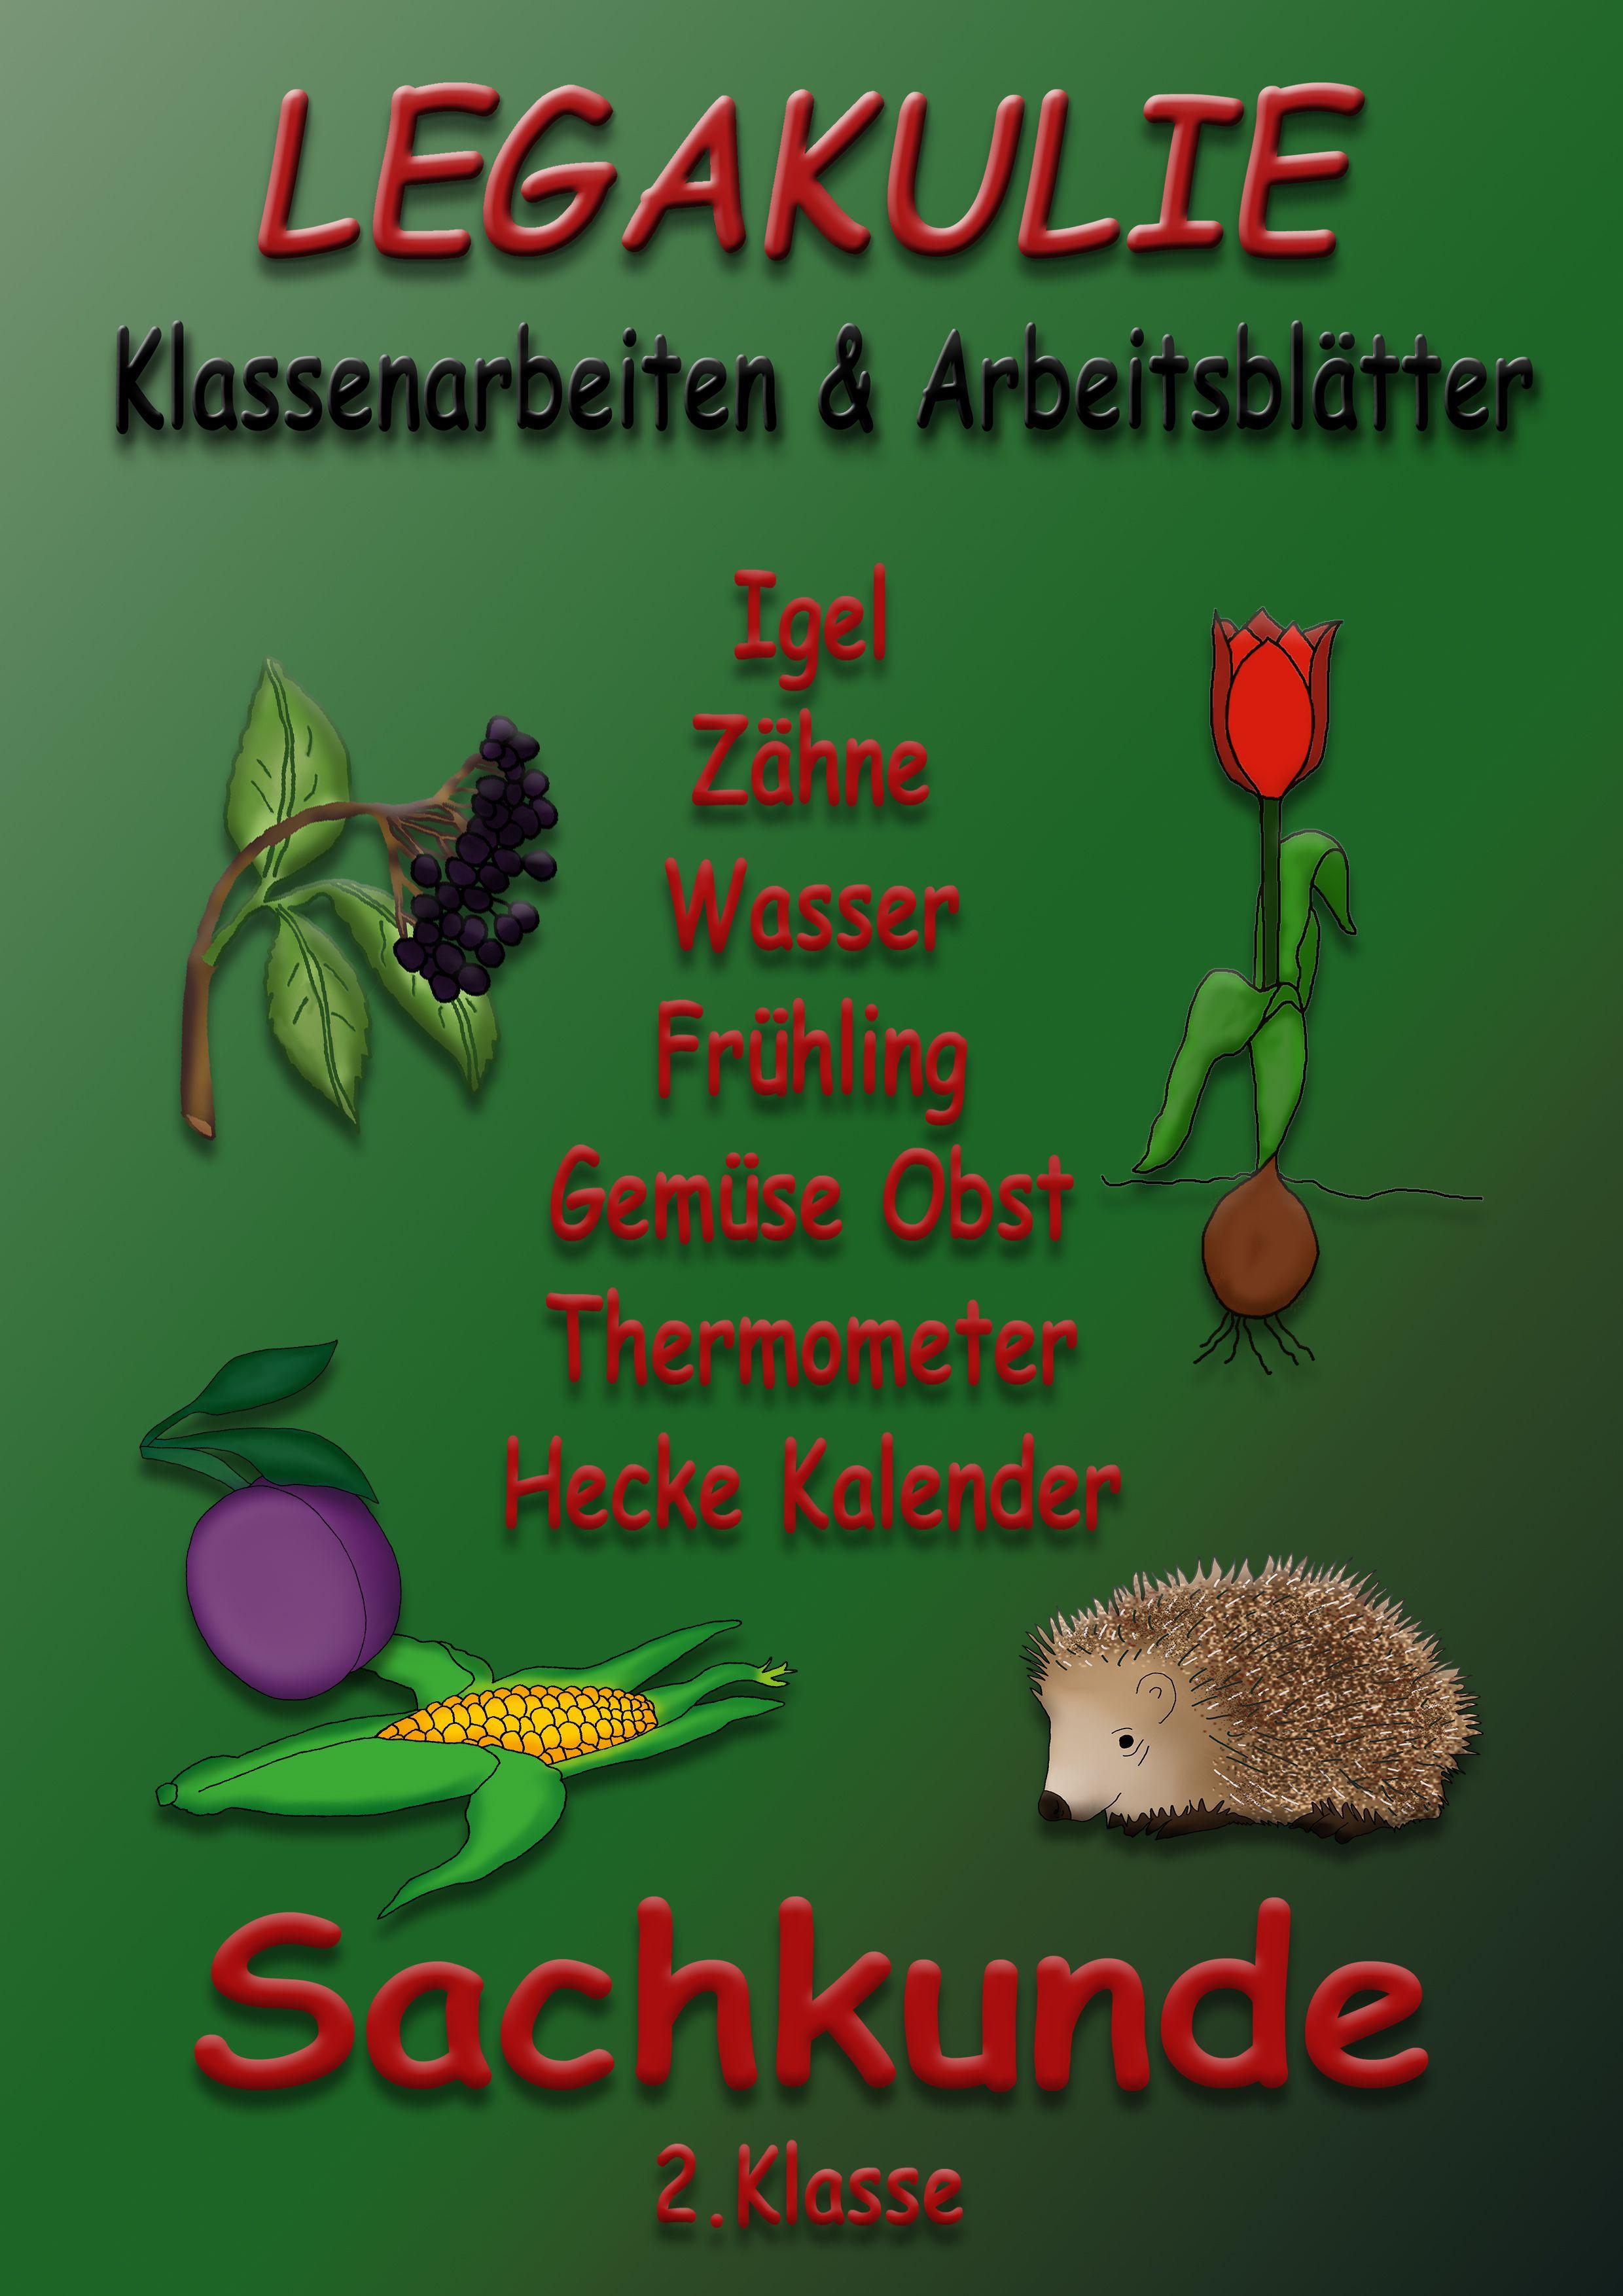 Sachkunde #2Klasse #Klassenarbeit #Arbeitsblatt #PDF Die ...